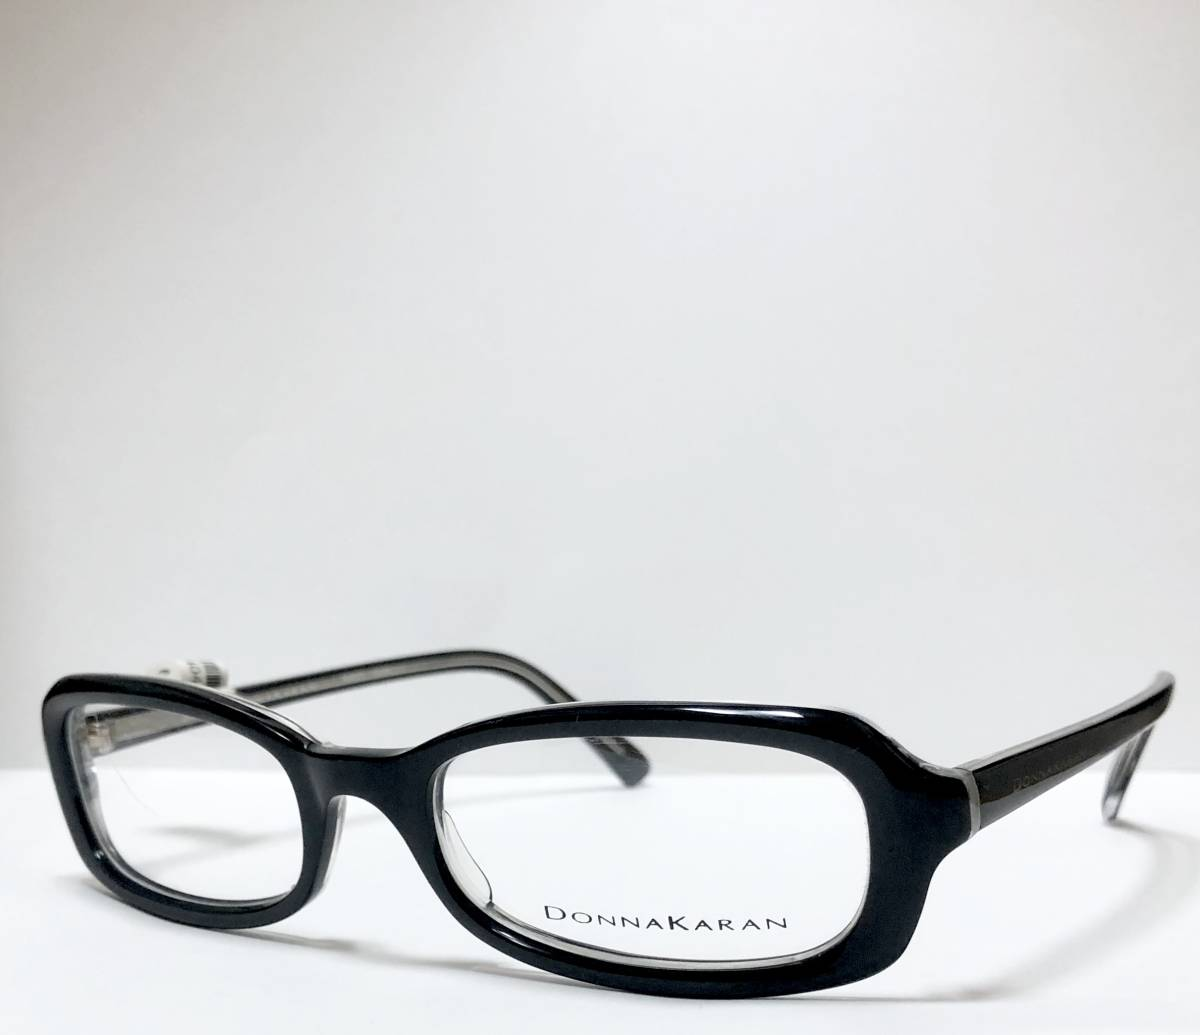 ダナキャラン 正規新品 日本製メガネ 米国ブランド Donna Karan_画像1